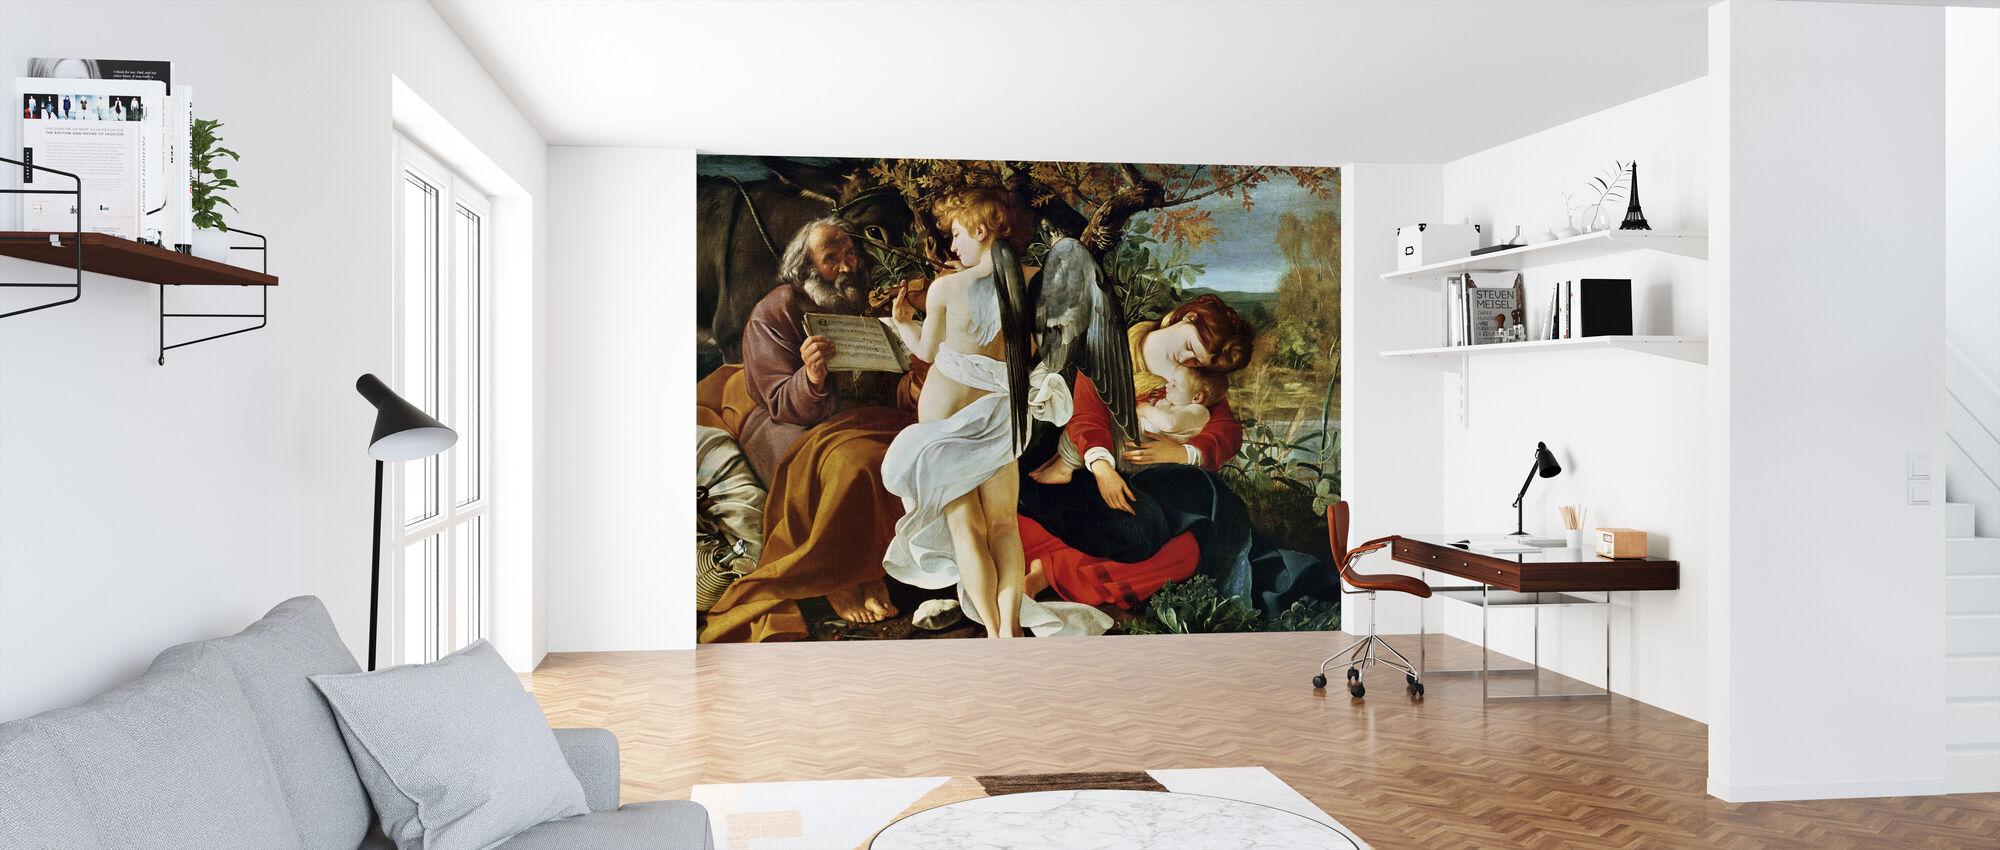 Reposez-vous sur le vol en Egypte - Michel-Ange Merisi da Caravaggio - Papier peint - Bureau